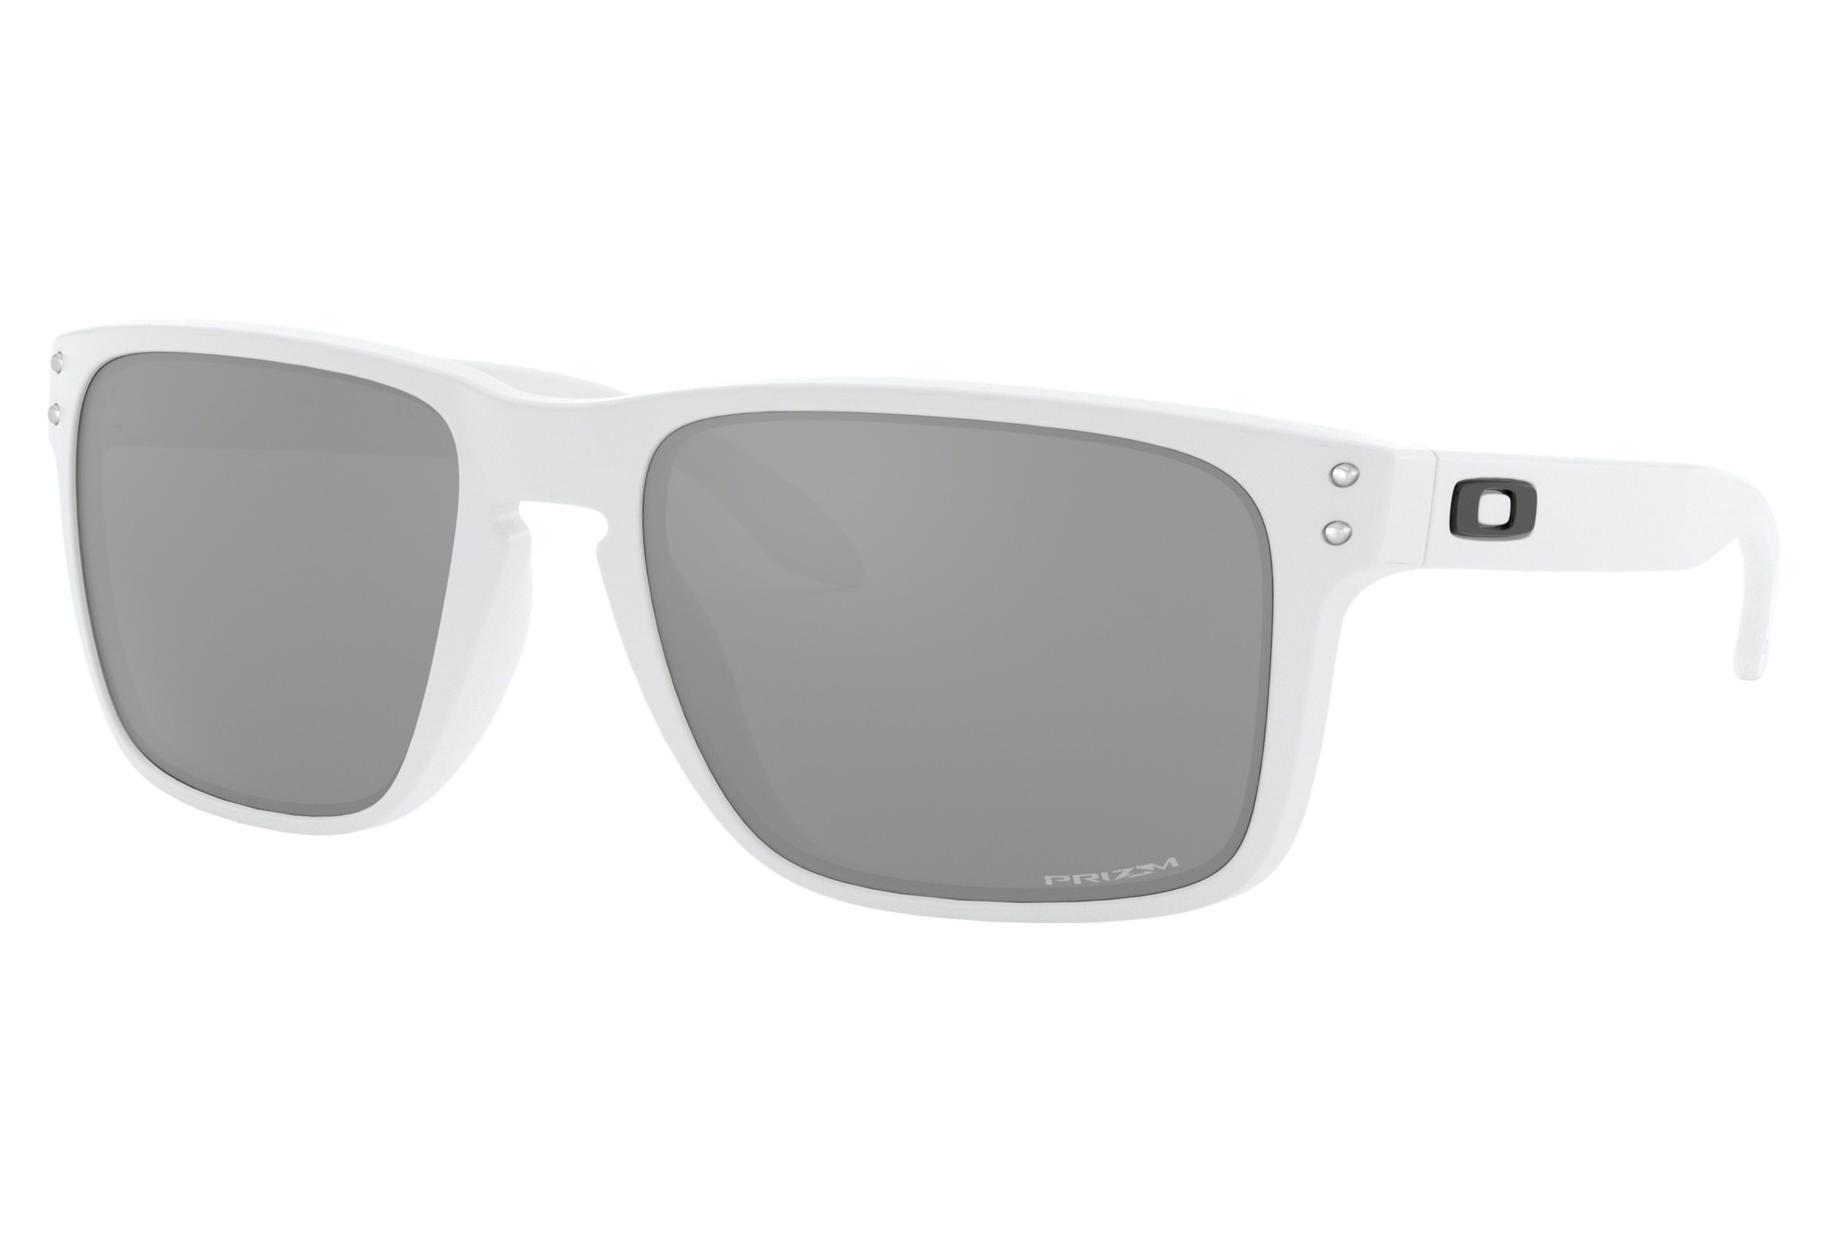 6dd89bd0af9 Oakley Sunglasses Holbrook XL   Prizm Black   White   Ref   OO9417-1559